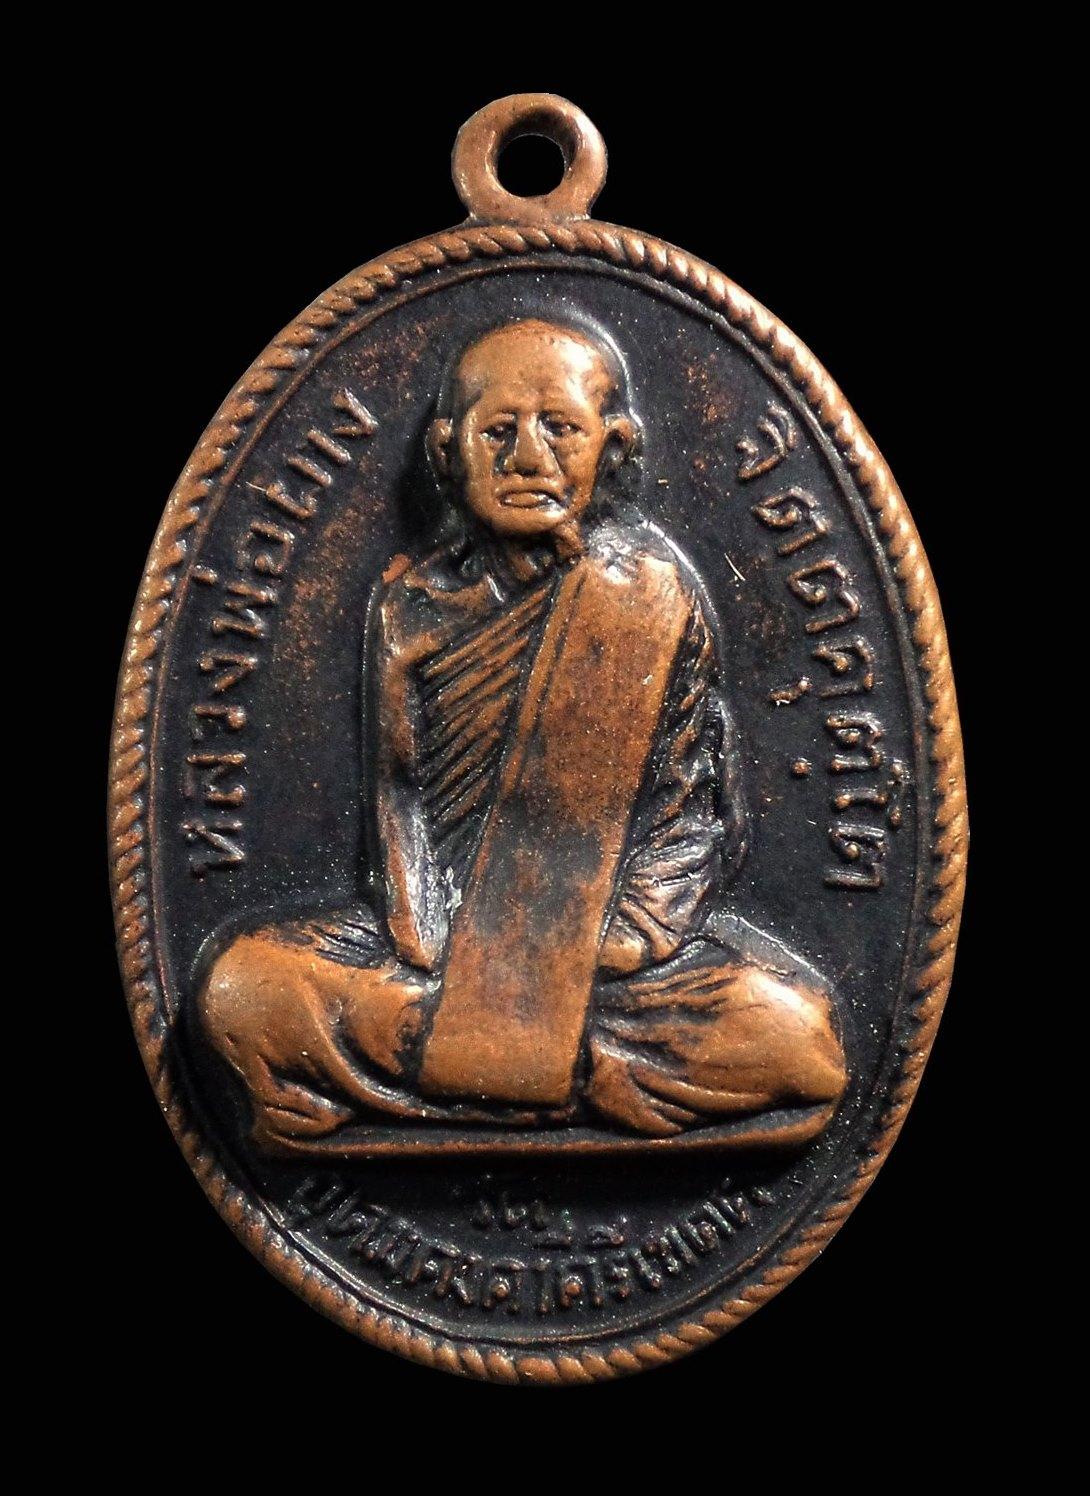 เหรียญหลวงพ่อผาง วัดคงคาอุดมคีรีเขต จ.ขอนแก่น ปี 2512